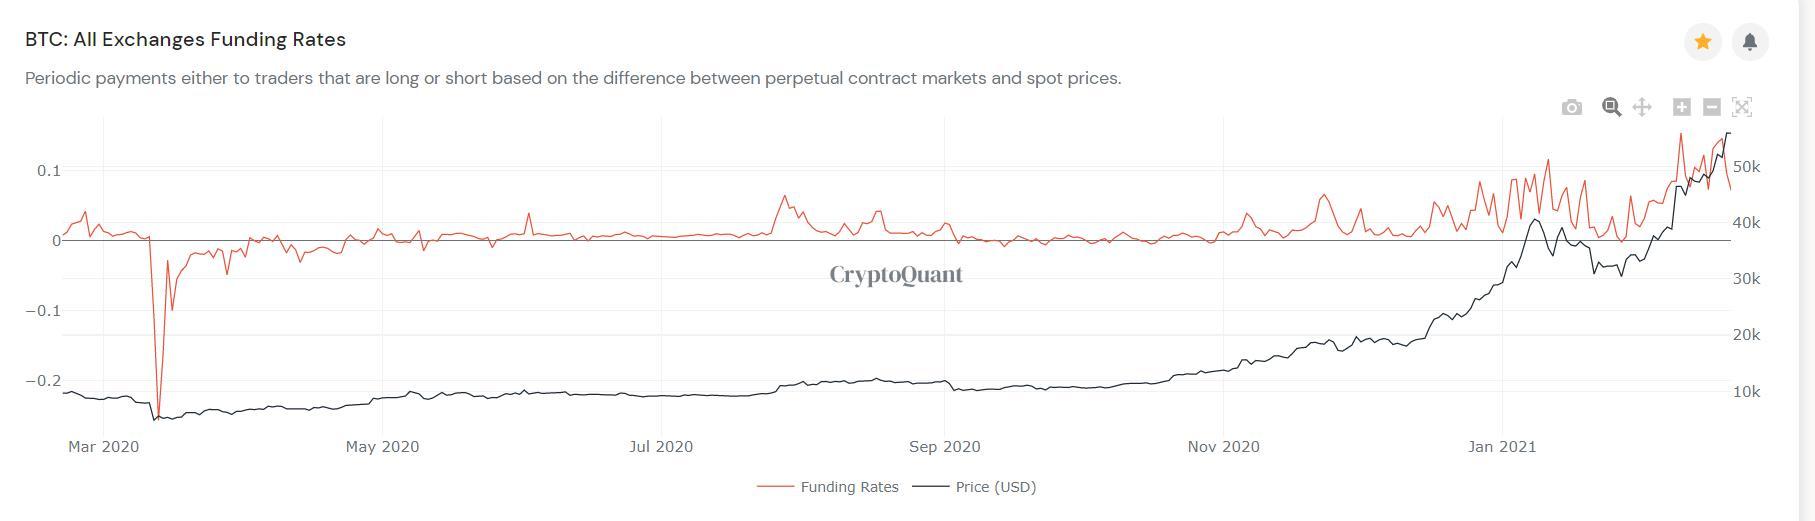 [分析人士展望后市]市场已经做出了小幅调整。如何应对未来市场?插图2 以太坊的走势仍在楔形内运行,导致大头针1800元,考验支撑力。现在关注它是否会打破楔子。如果是这样,可能会有一个大的调整。较低的支持是1750至1820美元。上述压力约为1980美元。  [分析人士展望后市]市场已经做出了小幅调整。如何应对未来市场?插图3  接下来,让我们看看其他数据更改。  矿工钱包比特币的营业额略有增加,需要提高警惕。在过去的几次,它突然大幅增加,然后市场开始下跌。当然,目前还没有迹象。  [分析人士展望后市]市场已经做出了小幅调整。如何应对未来市场?插图4  交易所比特币目前仍处于稳定状态,不会对市场产生较大影响。现在保持稳定对市场是有利的。  [分析人士展望后市]市场已经做出了小幅调整。如何应对未来市场?插图5  coinbase的溢价率仍在0轴附近徘徊。可见,随着这波巨幅调整,溢价率再度拉升,说明外资机构每次下跌都会吸引资金。这对市场来说是个好消息。  [分析人士展望后市]市场已经做出了小幅调整。如何应对未来市场?插图6  通过连续两次调整,比特币的资金利率已经开始回落,这对于比特币的持续上涨是个利好消息。市场继续上涨的可能性较大。我们应该继续保持乐观。  [分析人士展望后市]市场已经做出了小幅调整。如何应对未来市场?插图7  对于售后市场来说,也很简单。如果你有一个位置,你可以继续看长空3-5层的位置。当市场企稳或下跌时,你可以抄底。如果你做空,可以耐心等待市场的短期方向被选定后再操作。判断市场和确定方向取决于BTC和eth能否突破阻力水平,这代表着市场风险的解除。